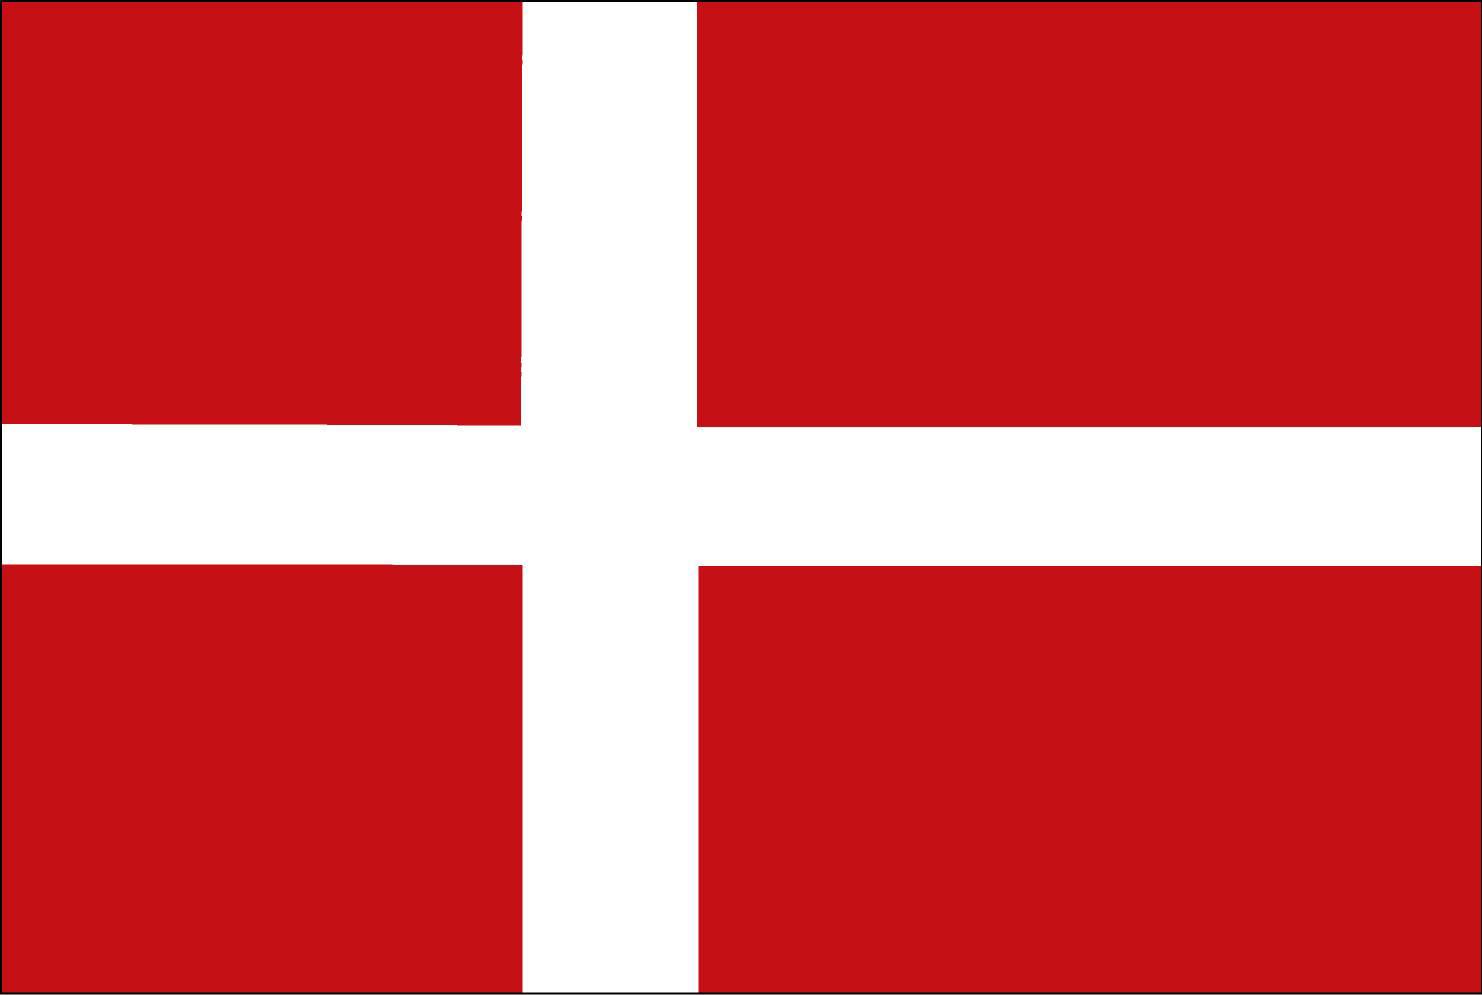 Bandera de Dinamarca | Blog de Banderas VDK